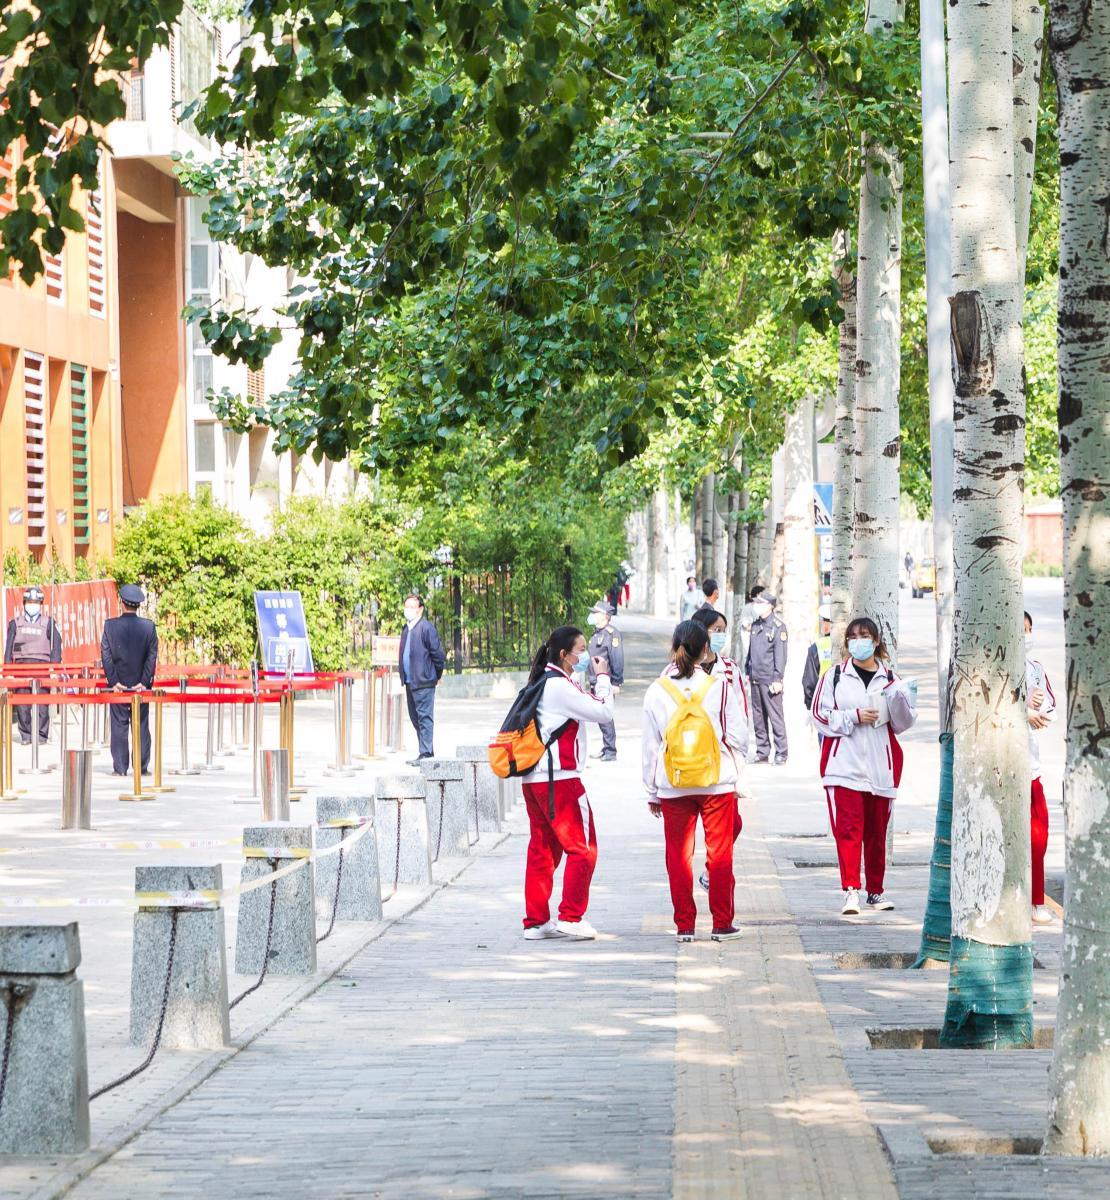 De jeunes collégiennes portant un masque de protection se tiennent debout devant l'entrée d'un établissement scolaire, au milieu d'une contre-allée bordée de grands arbres. A droite de l'image, on aperçoit une grande avenue et à gauche, quelques adultes se tenant juste devant la porte de l'établissement.